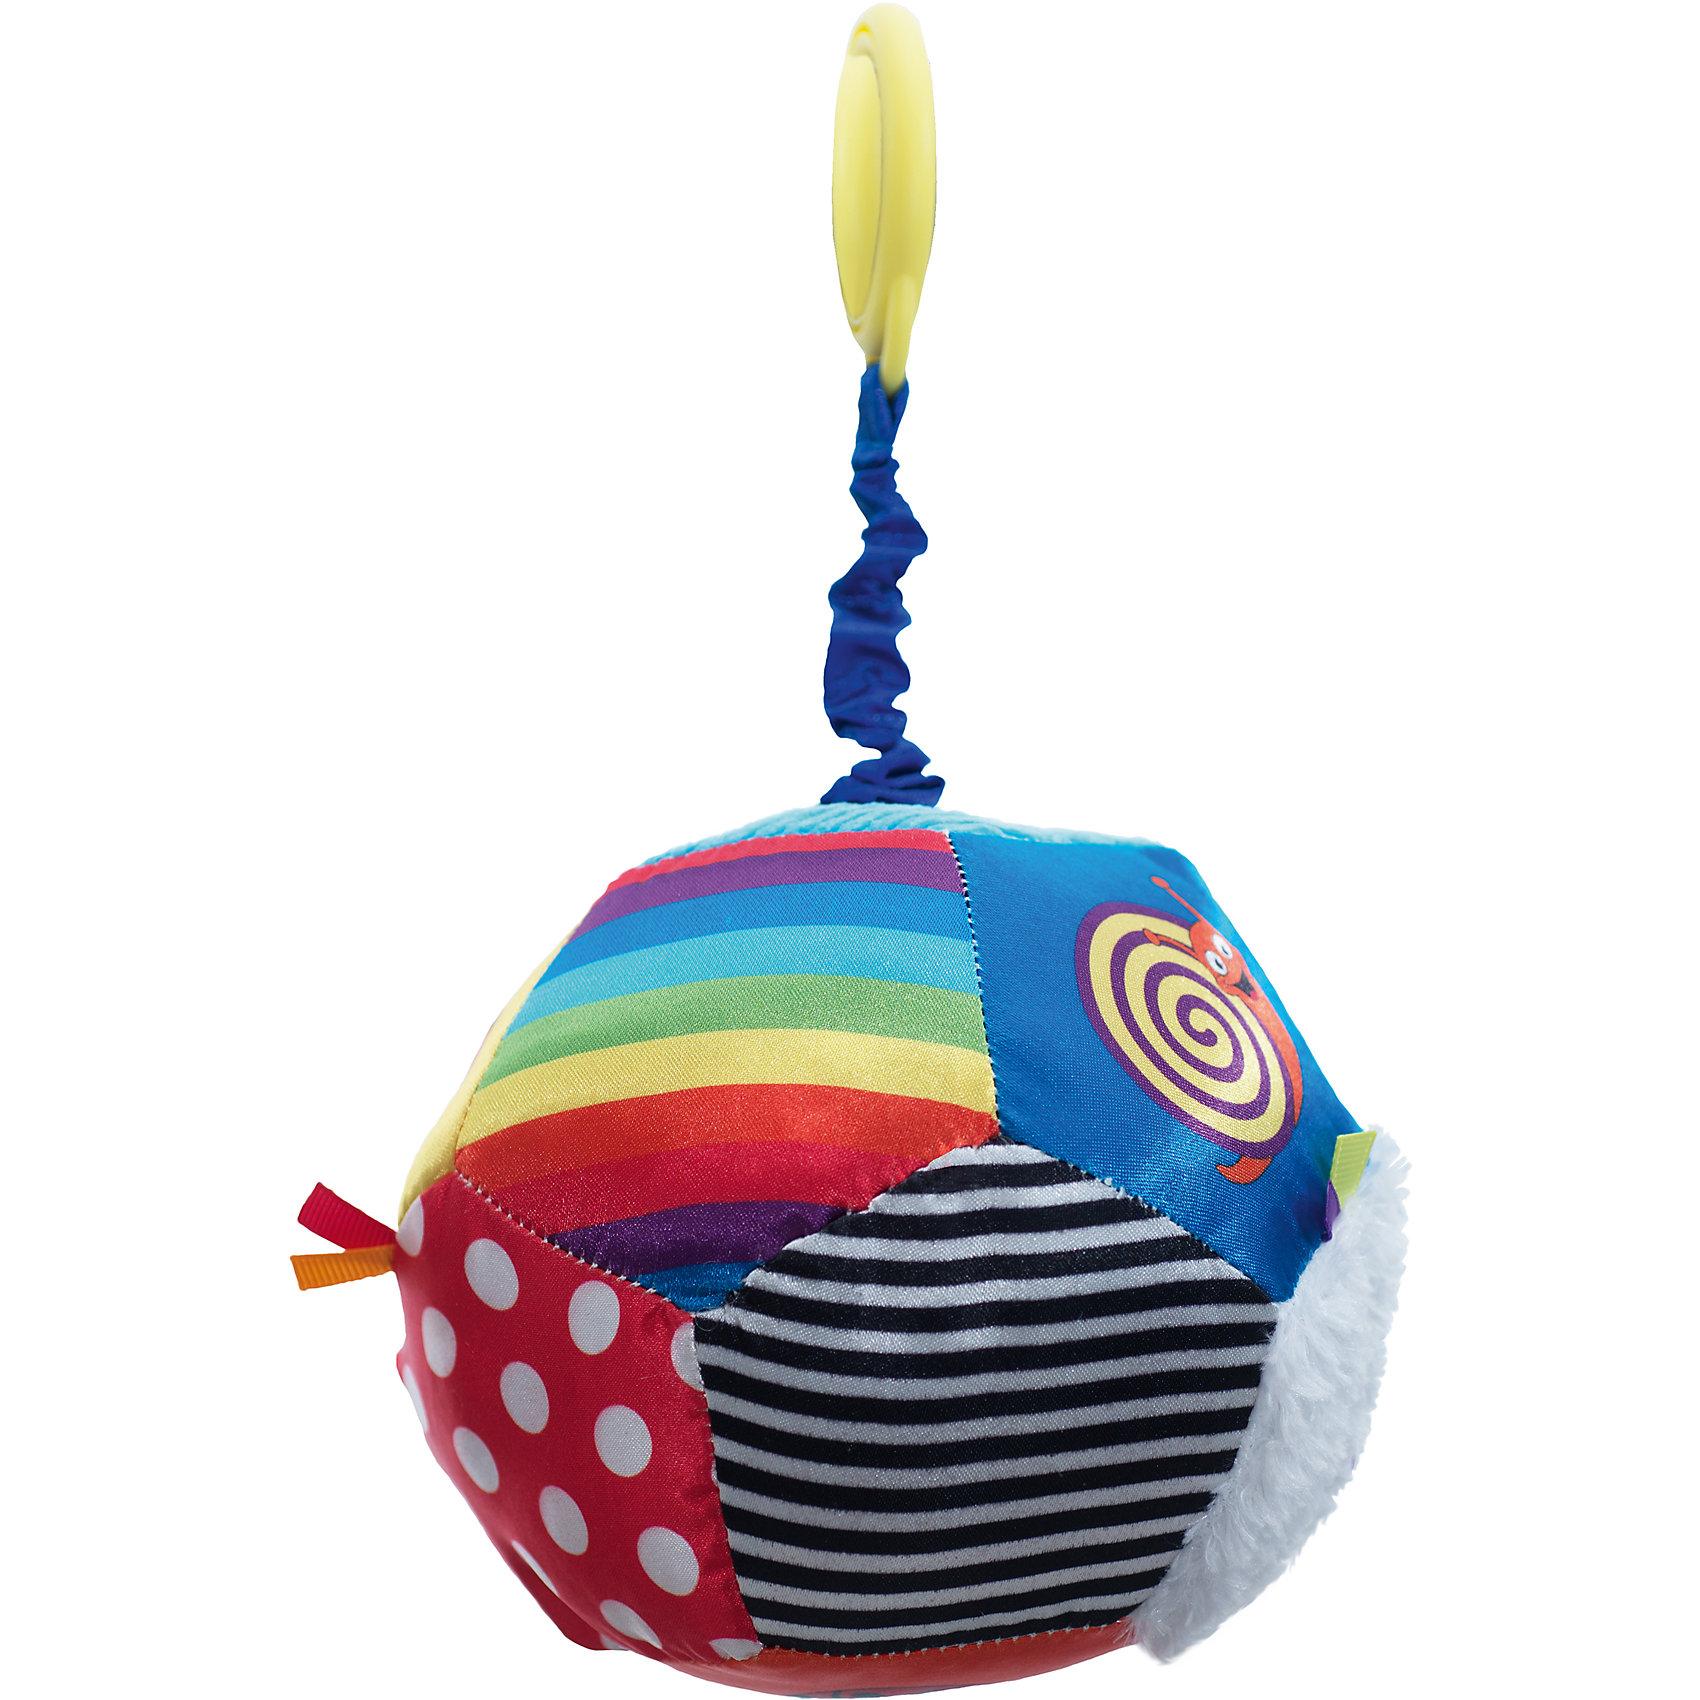 Мяч Открытие,  WeeWiseИгрушка крепится к козырьку –тенту прогулочной коляски или к ручке  детского  автокресла  категории 0+.  Поверхность мяча выполнена из материалов различного цвета и фактуры. Игрушка снабжена пружинным вибрирующим механизмом, способствует развитию зрительного, слухового и тактильного восприятия. Стимулирует хватательные навыки ребенка, помогает тренировке мелкой моторики рук.<br><br>Ширина мм: 505<br>Глубина мм: 185<br>Высота мм: 245<br>Вес г: 148<br>Возраст от месяцев: 3<br>Возраст до месяцев: 8<br>Пол: Унисекс<br>Возраст: Детский<br>SKU: 4443044